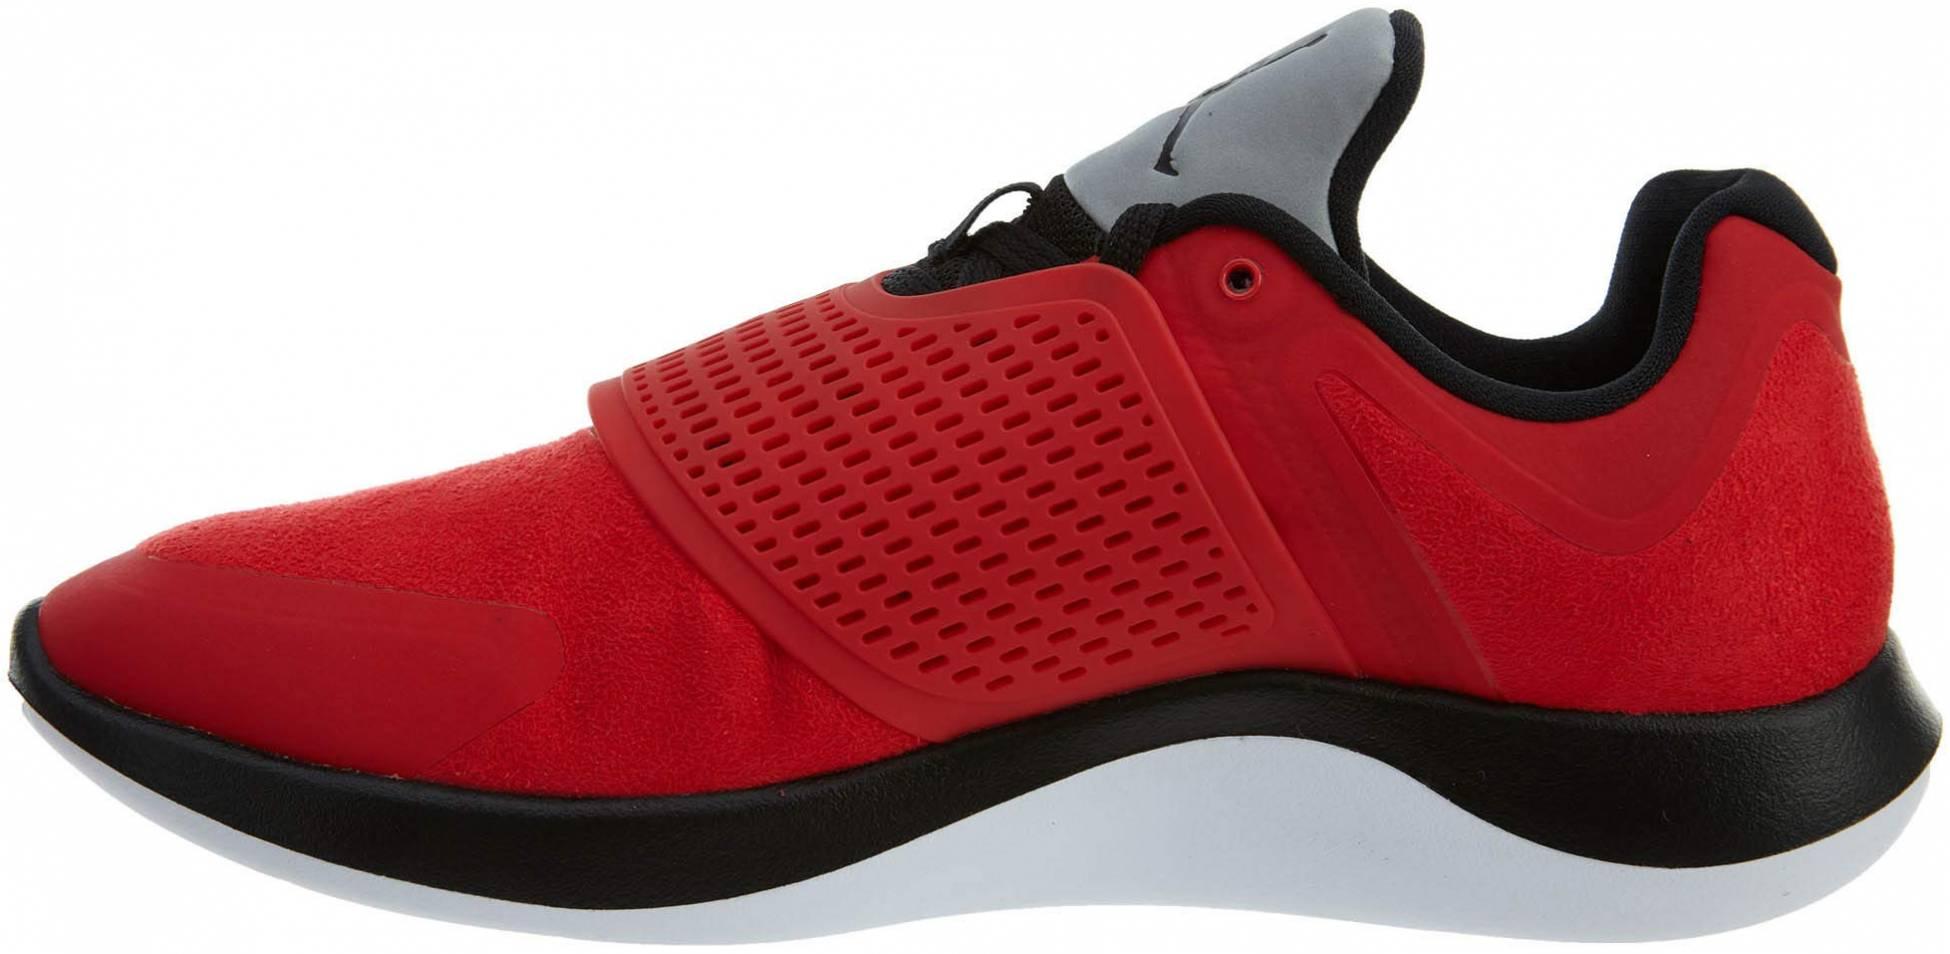 7 Reasons to/NOT to Buy Jordan Grind 2